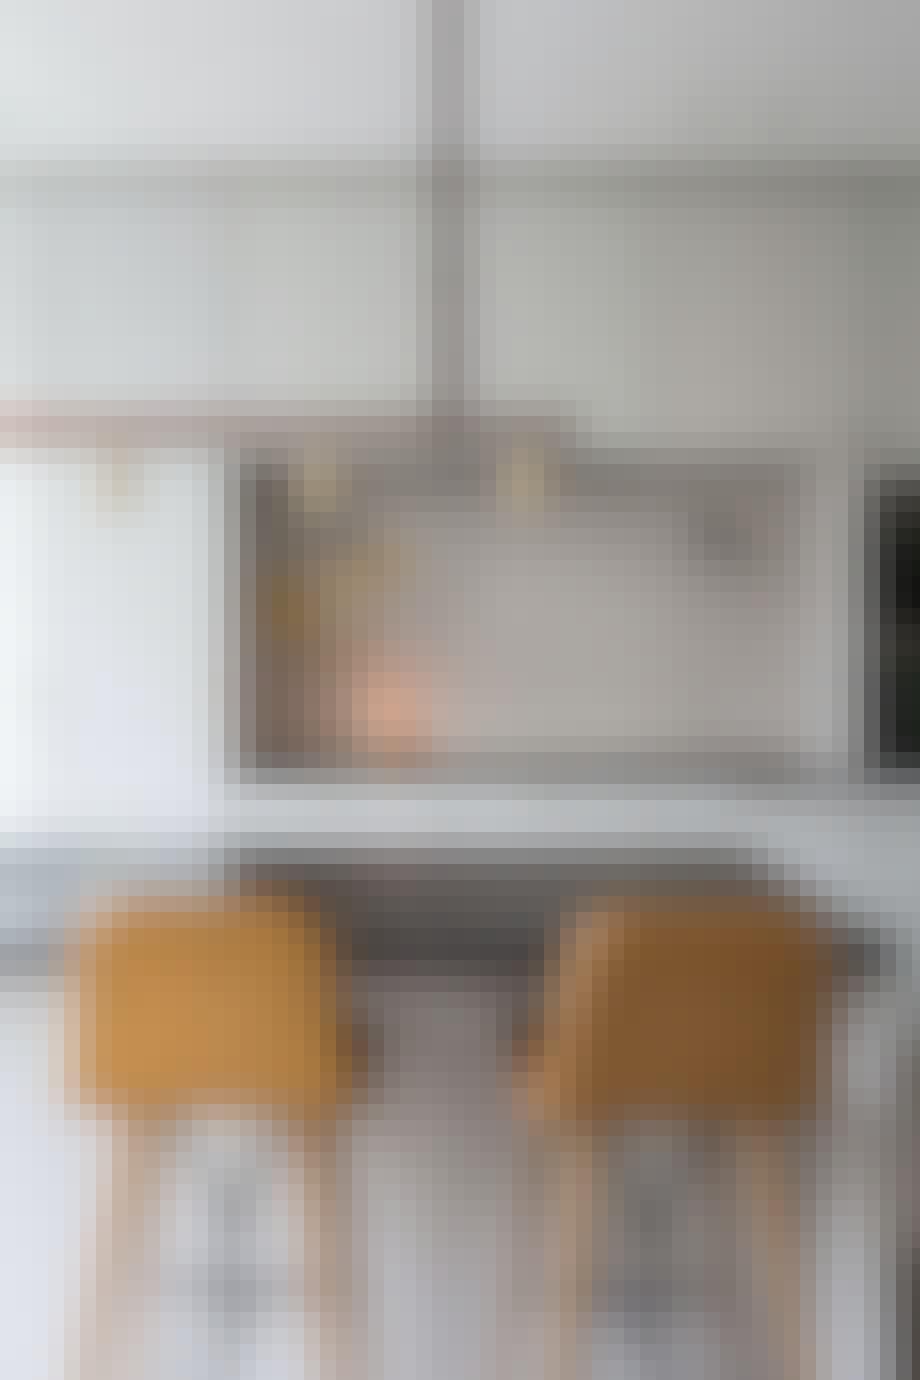 Gammeldags kjøkken med høye stoler og gullamper.